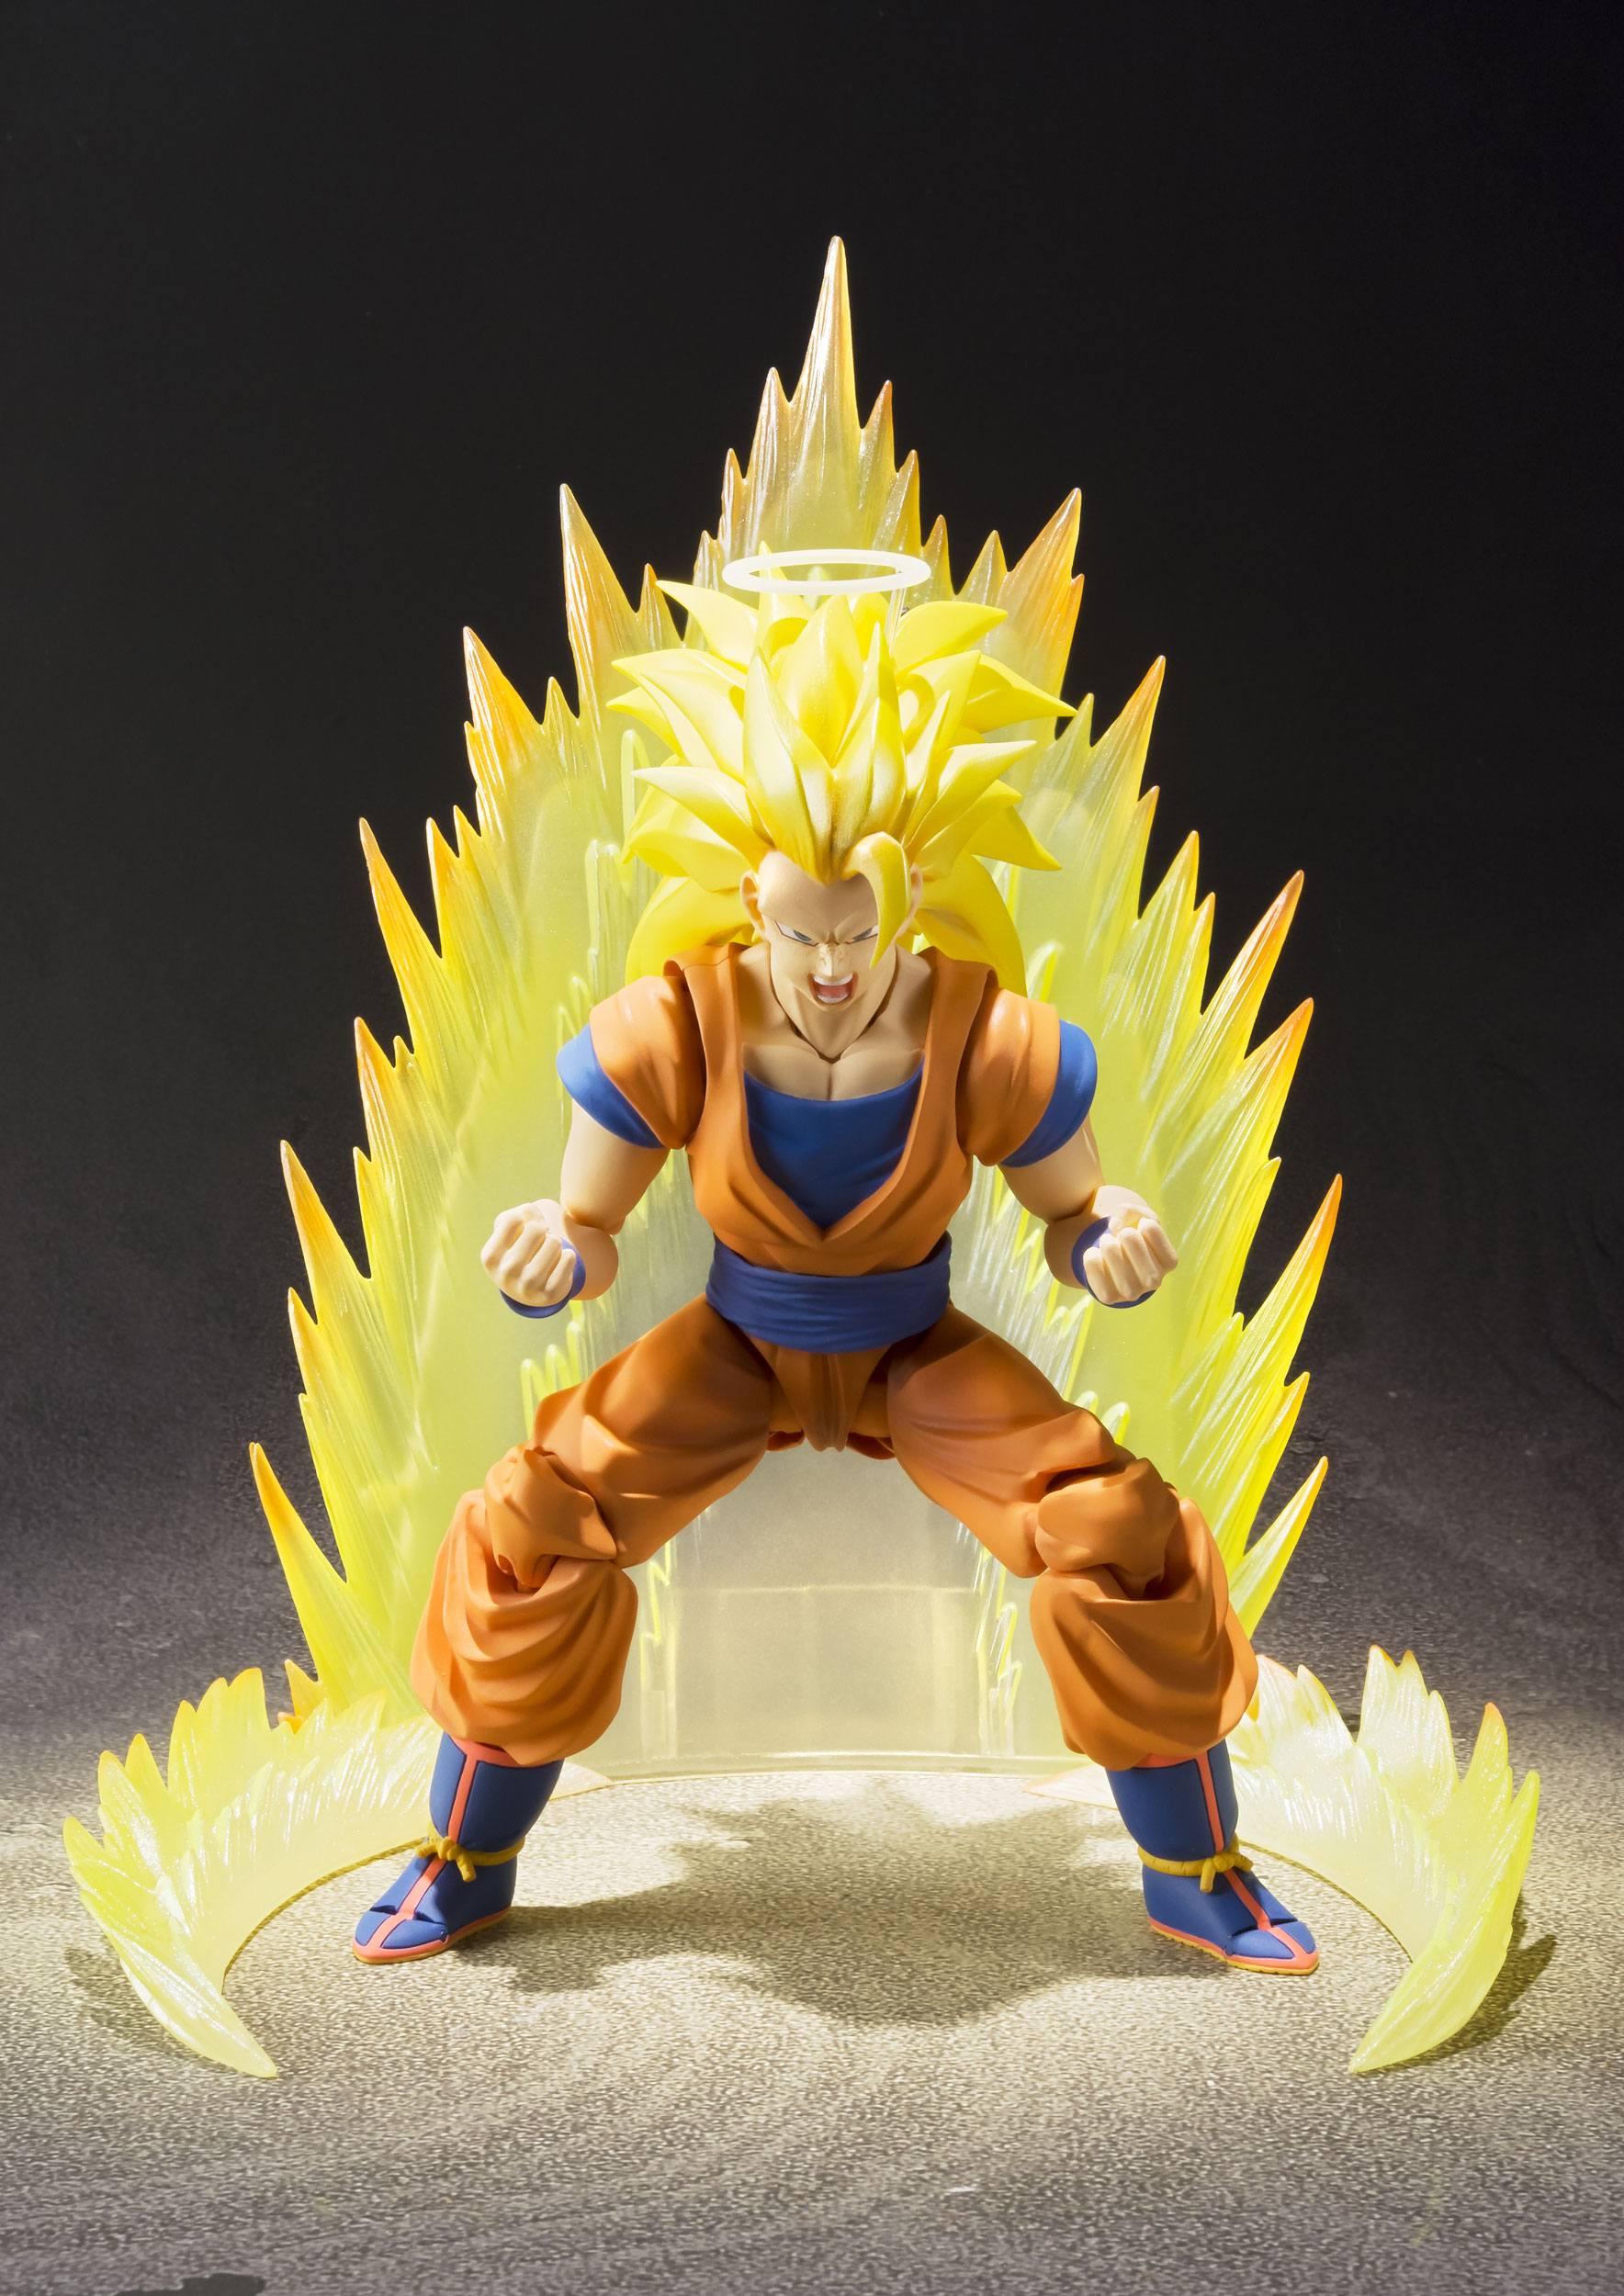 S.H.Figuarts Dragon Ball Z Super Saiyan 3 Son Gokou about 155mm figure